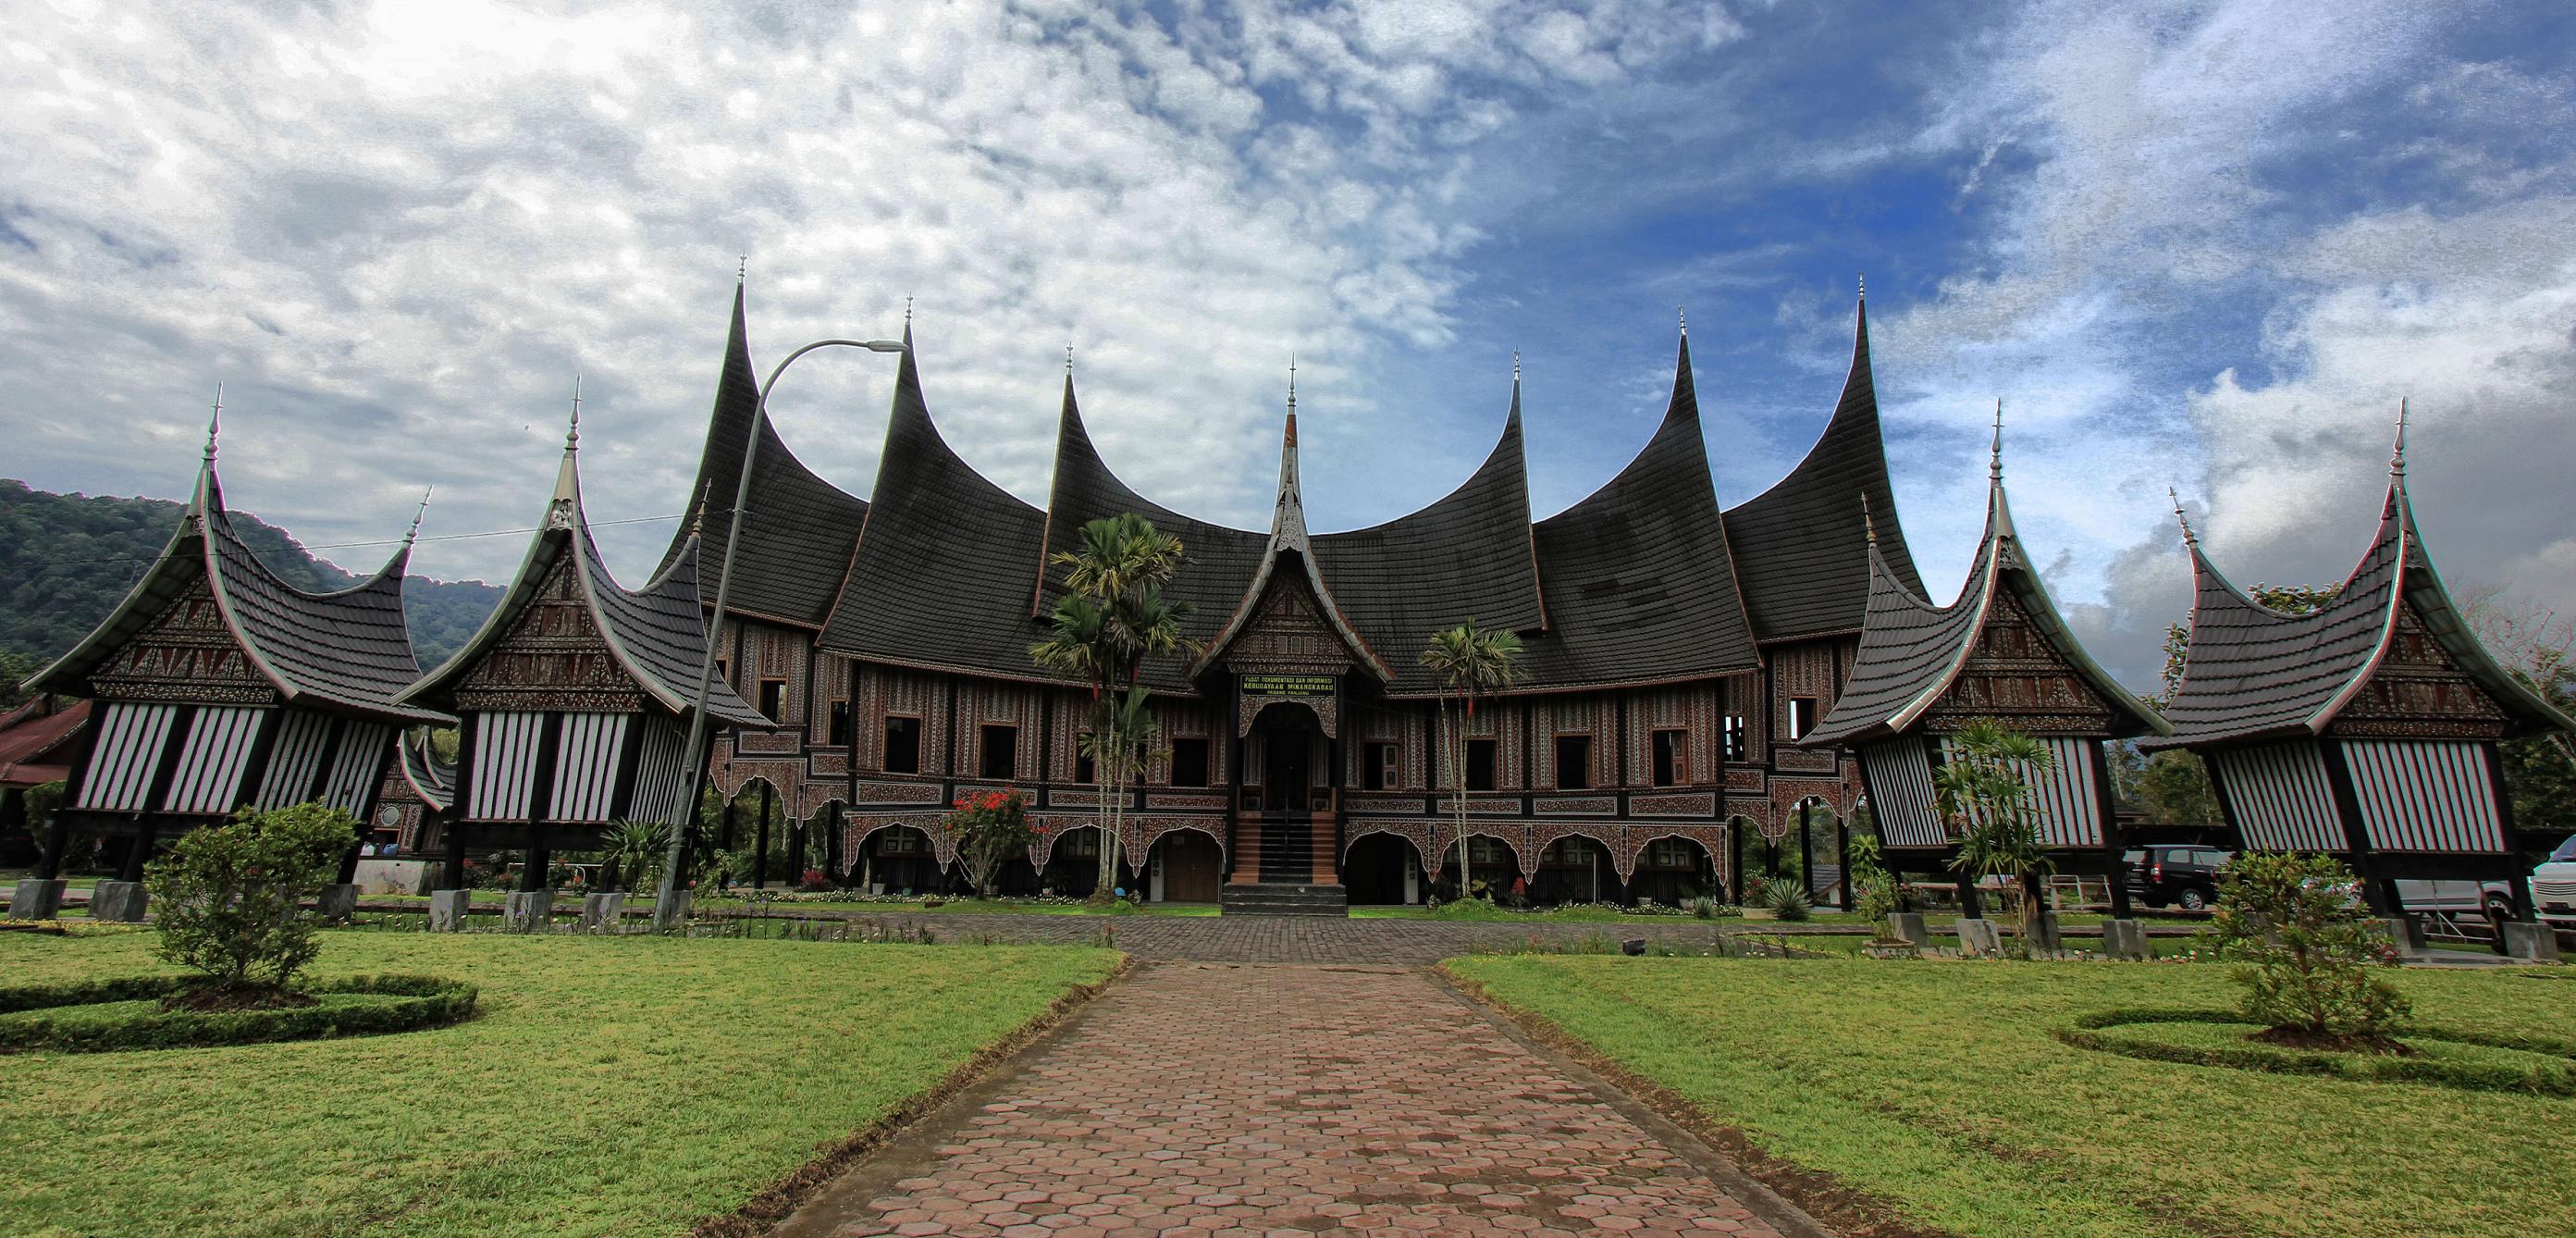 Daftar Museum Sumatera Wikipedia Bahasa Indonesia Ensiklopedia Pusat Dokumentasi Informasi